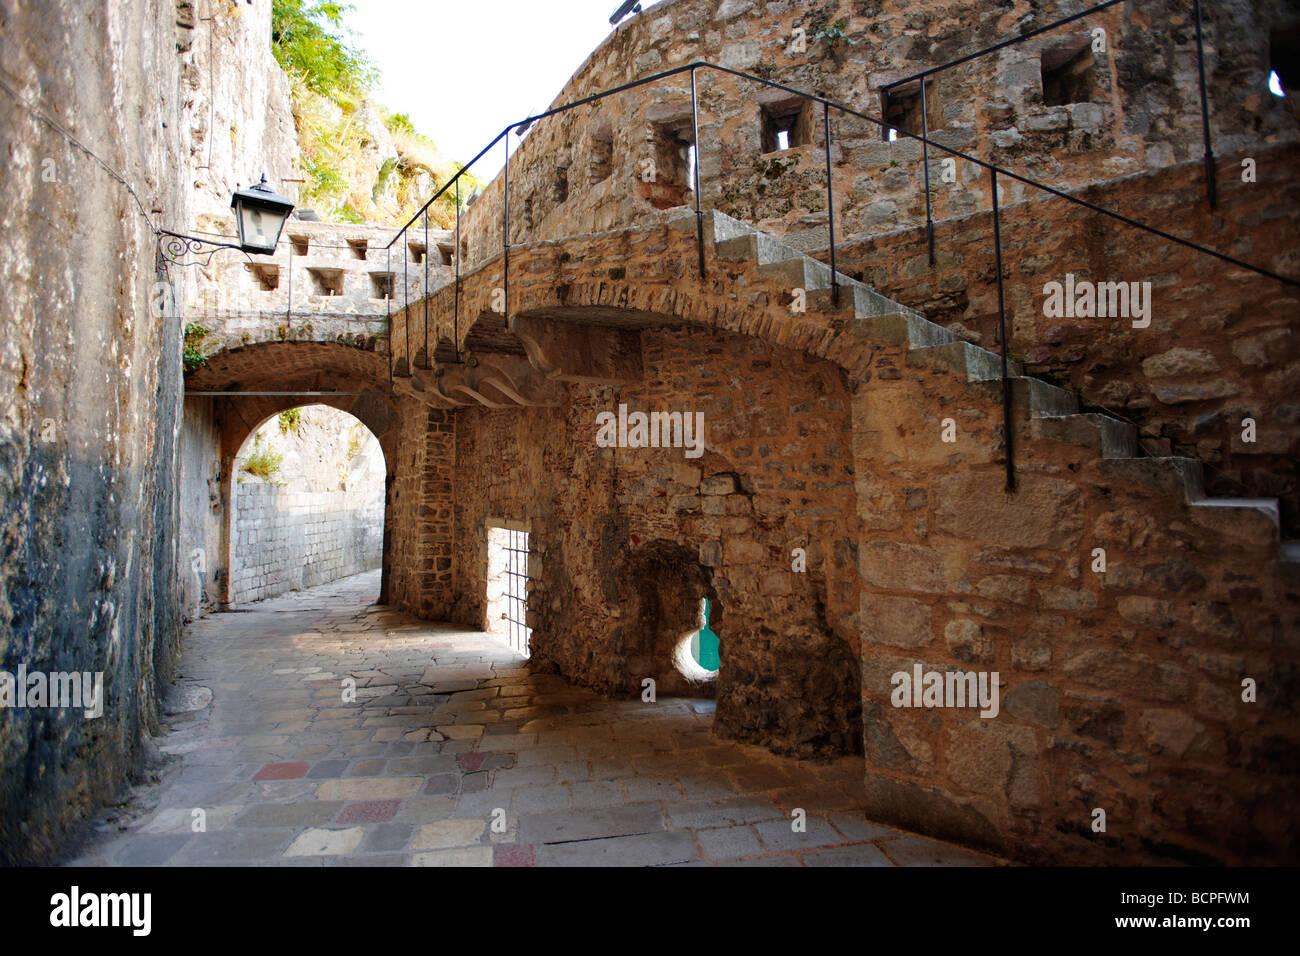 Vieille ville médiévale murs et gate - Kotor - Montenegro Photo Stock